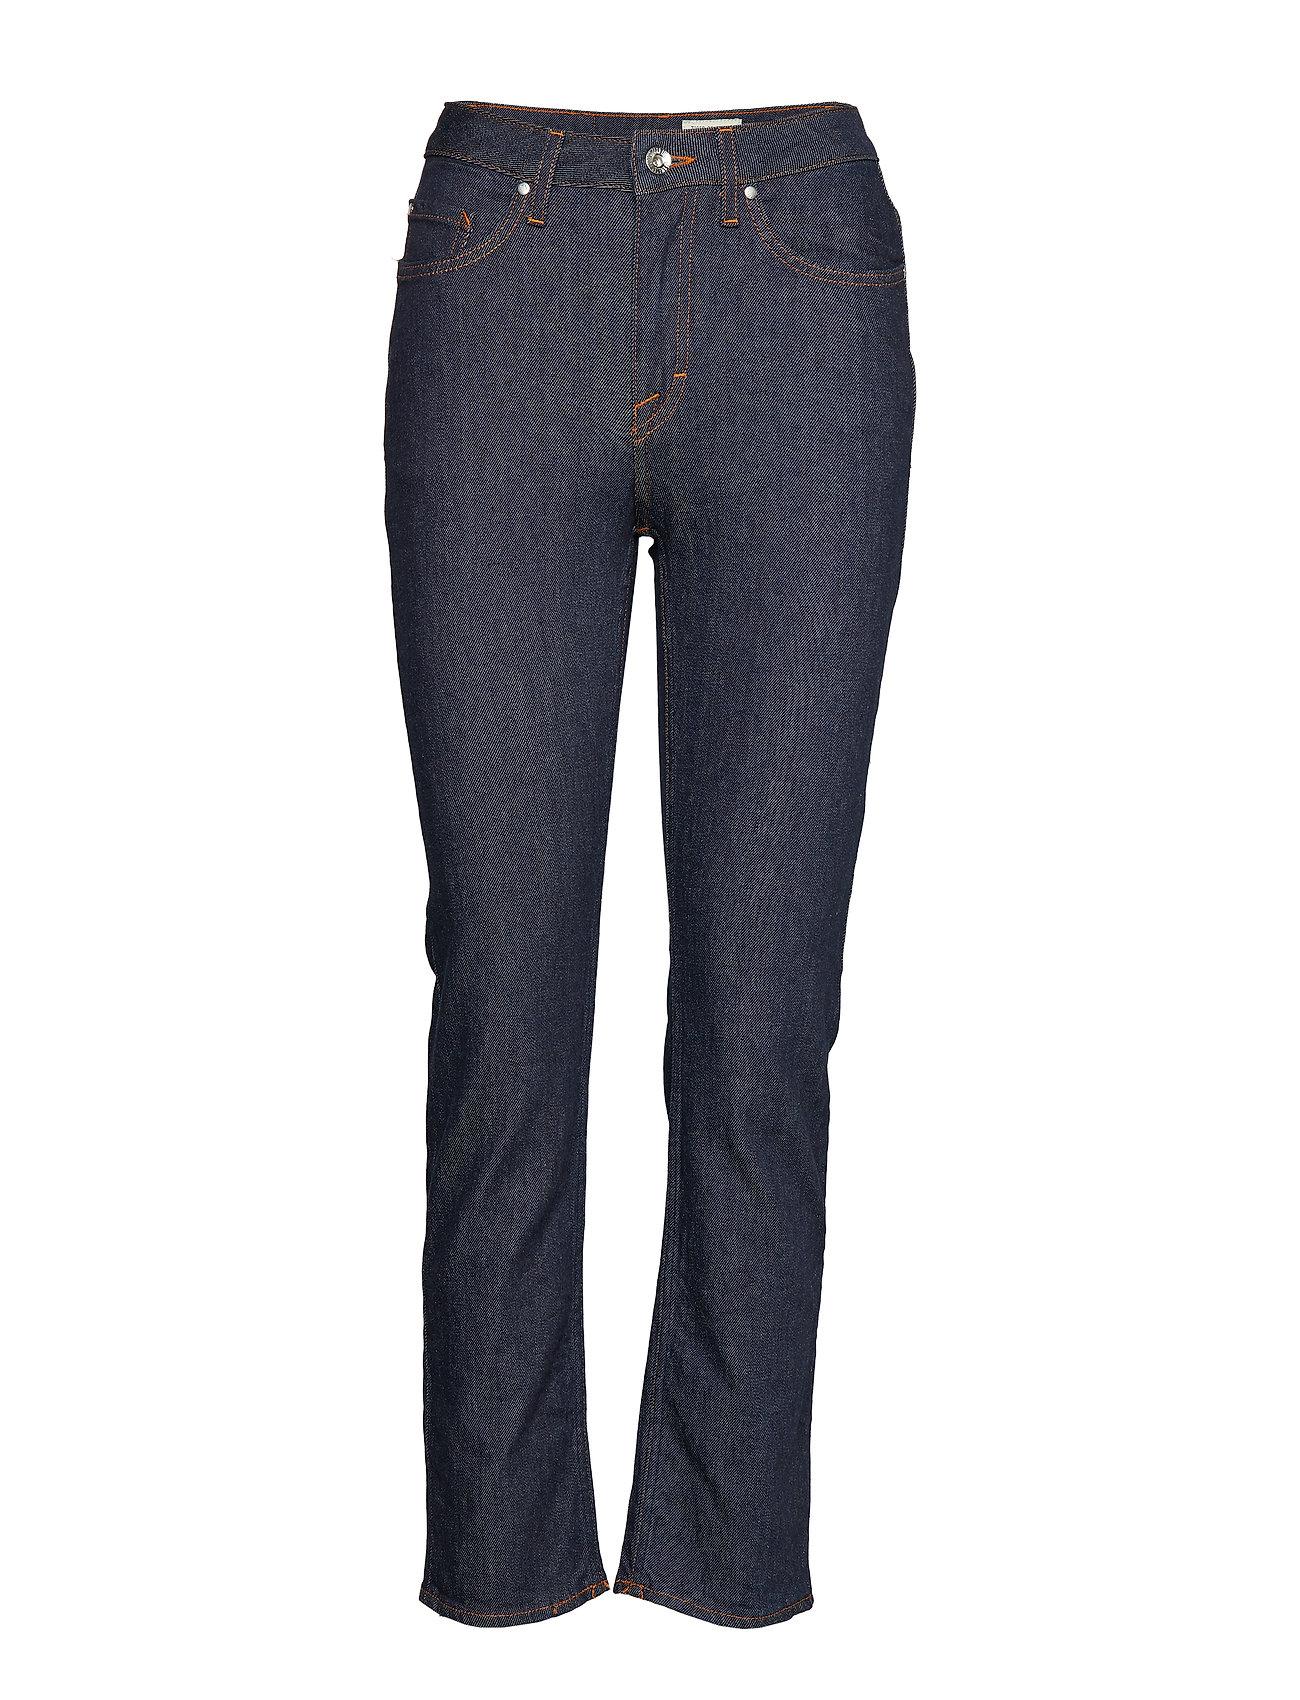 Tiger of Sweden Jeans MEG - ROYAL BLUE